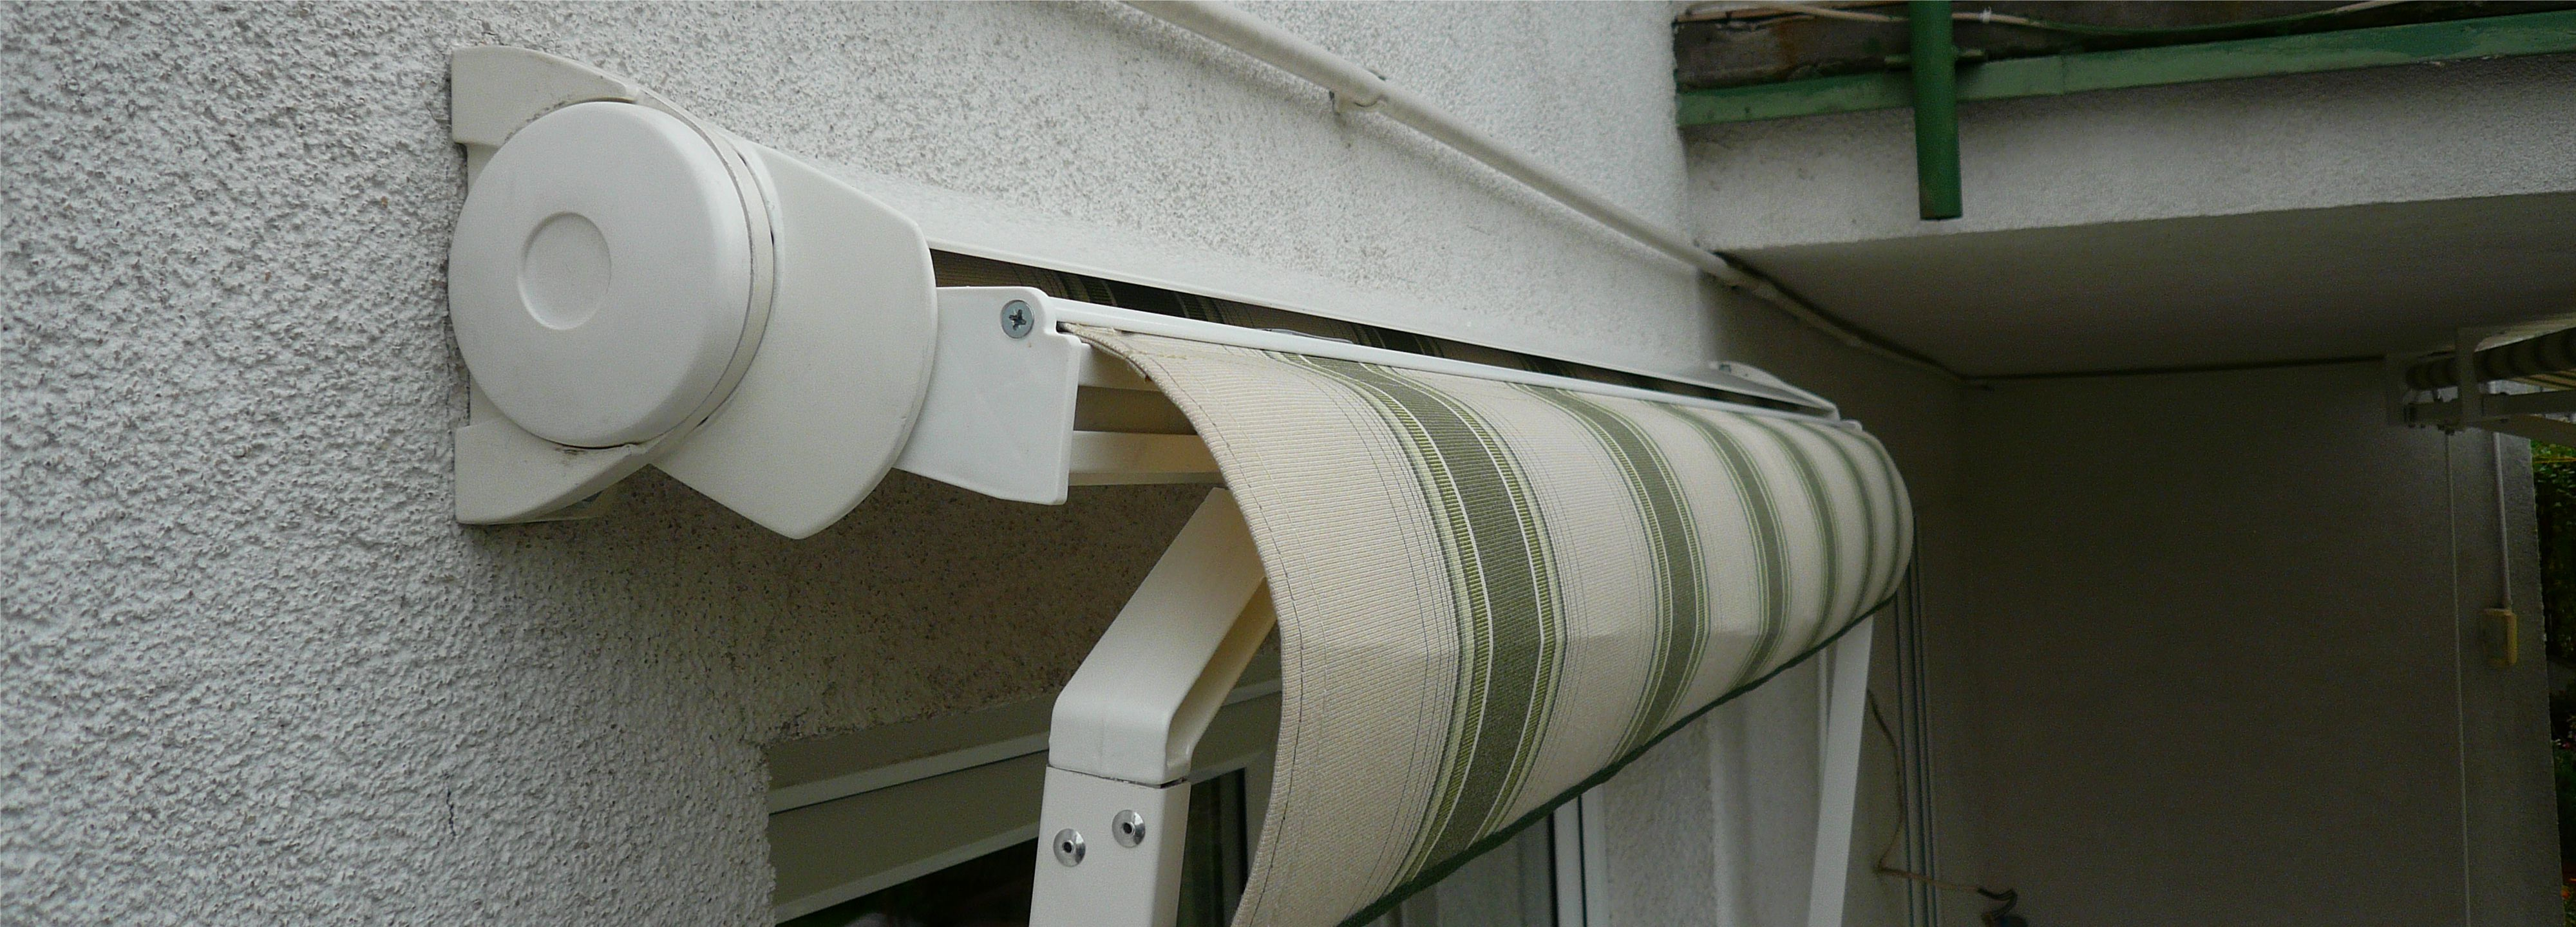 Markiza balkonowa - półkaseta